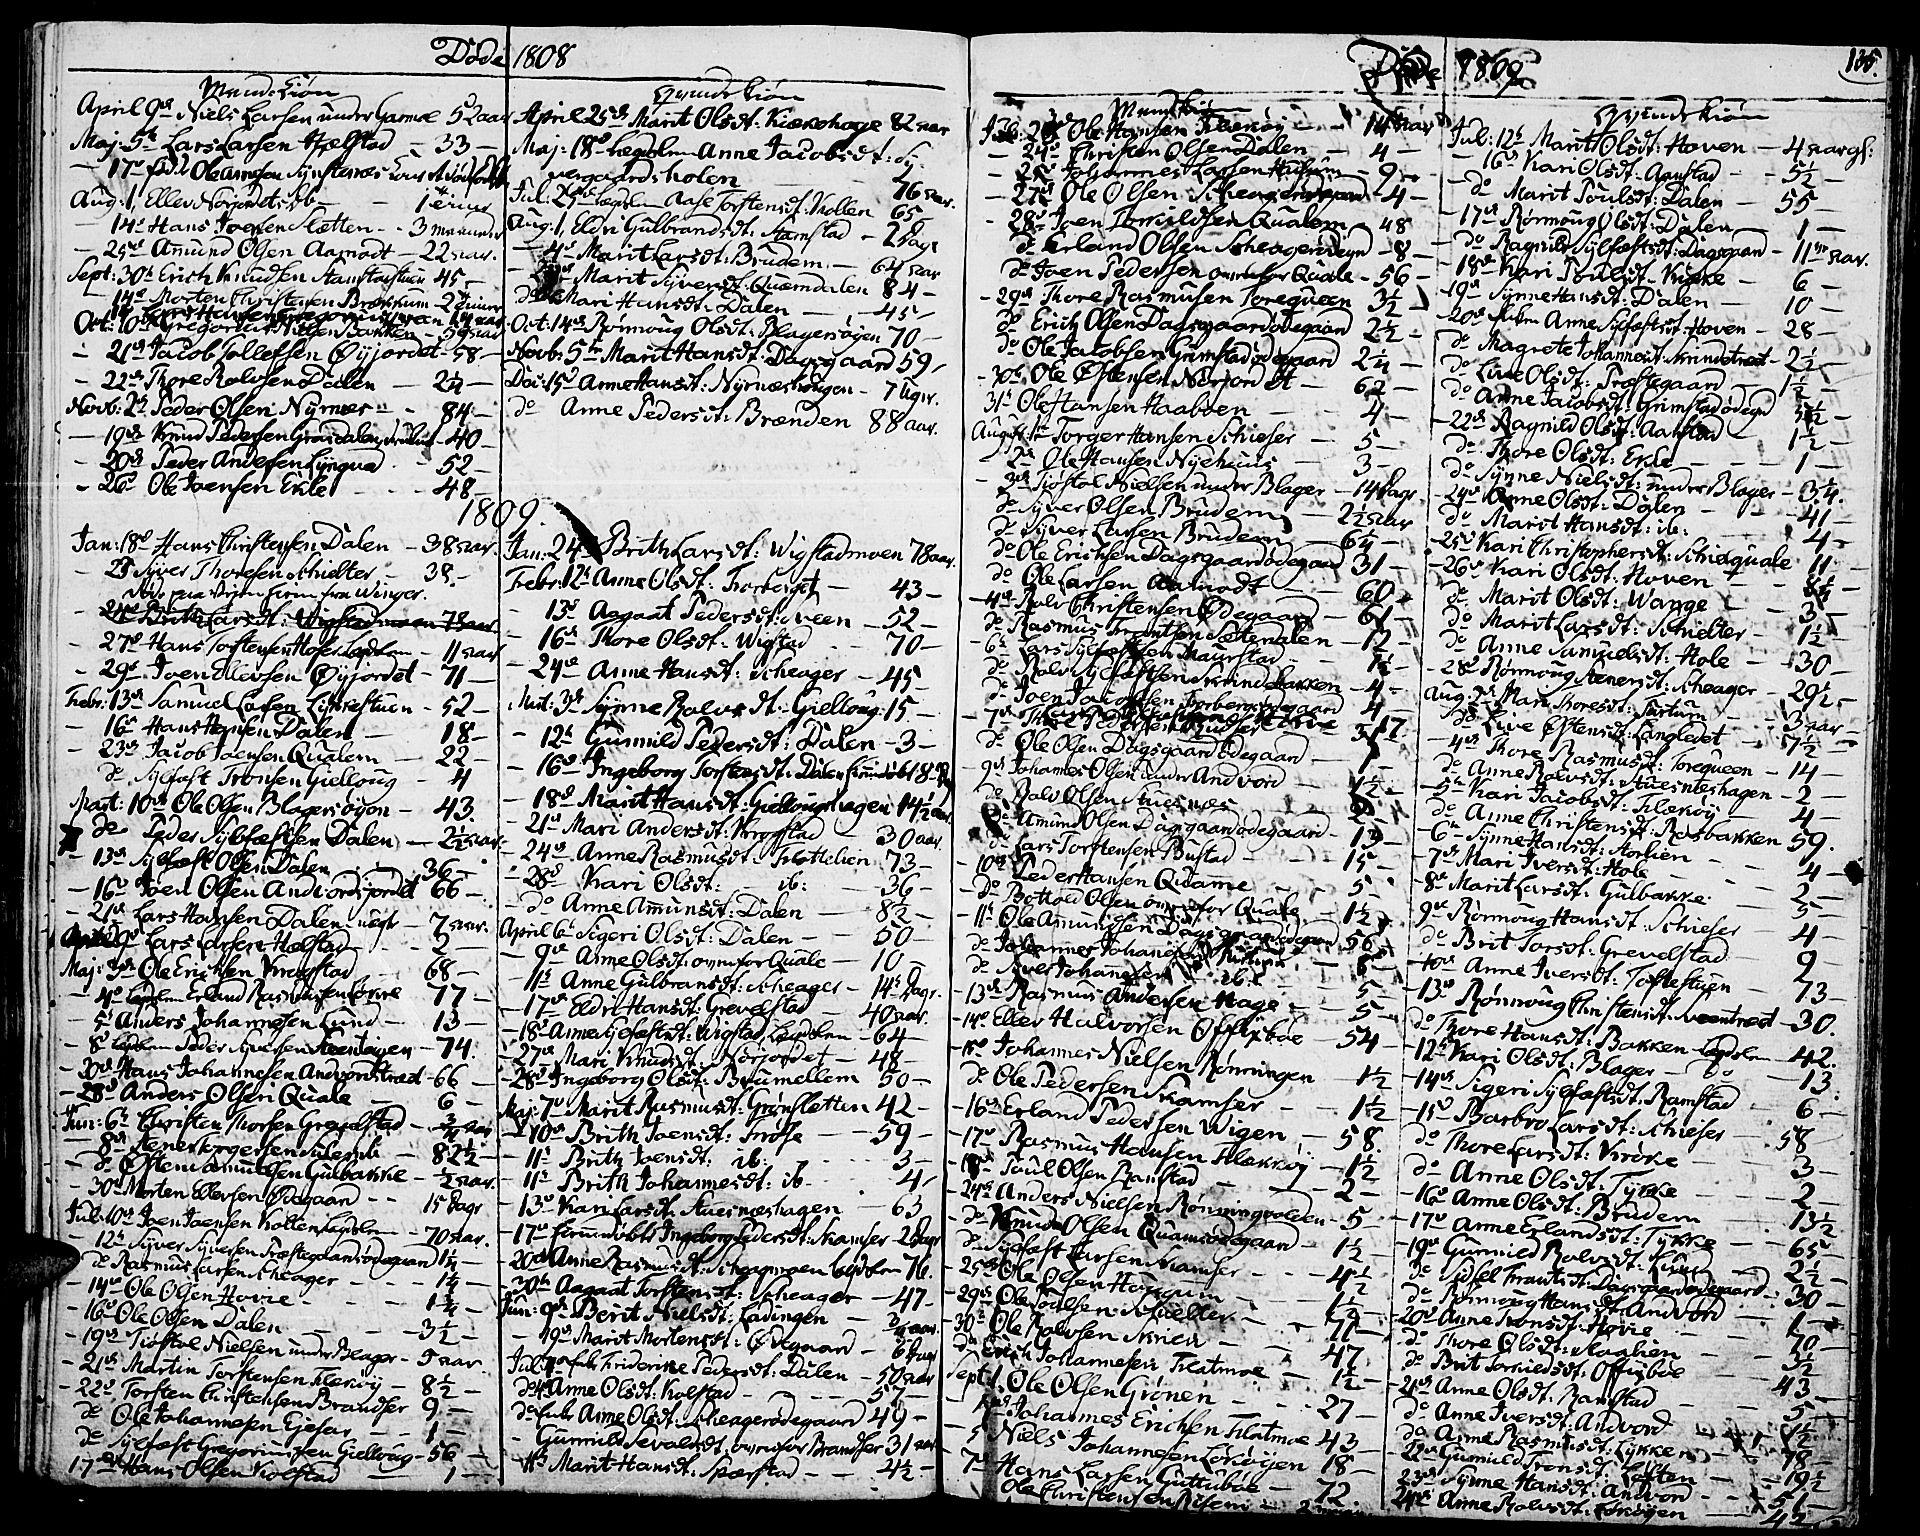 SAH, Lom prestekontor, K/L0003: Ministerialbok nr. 3, 1801-1825, s. 135